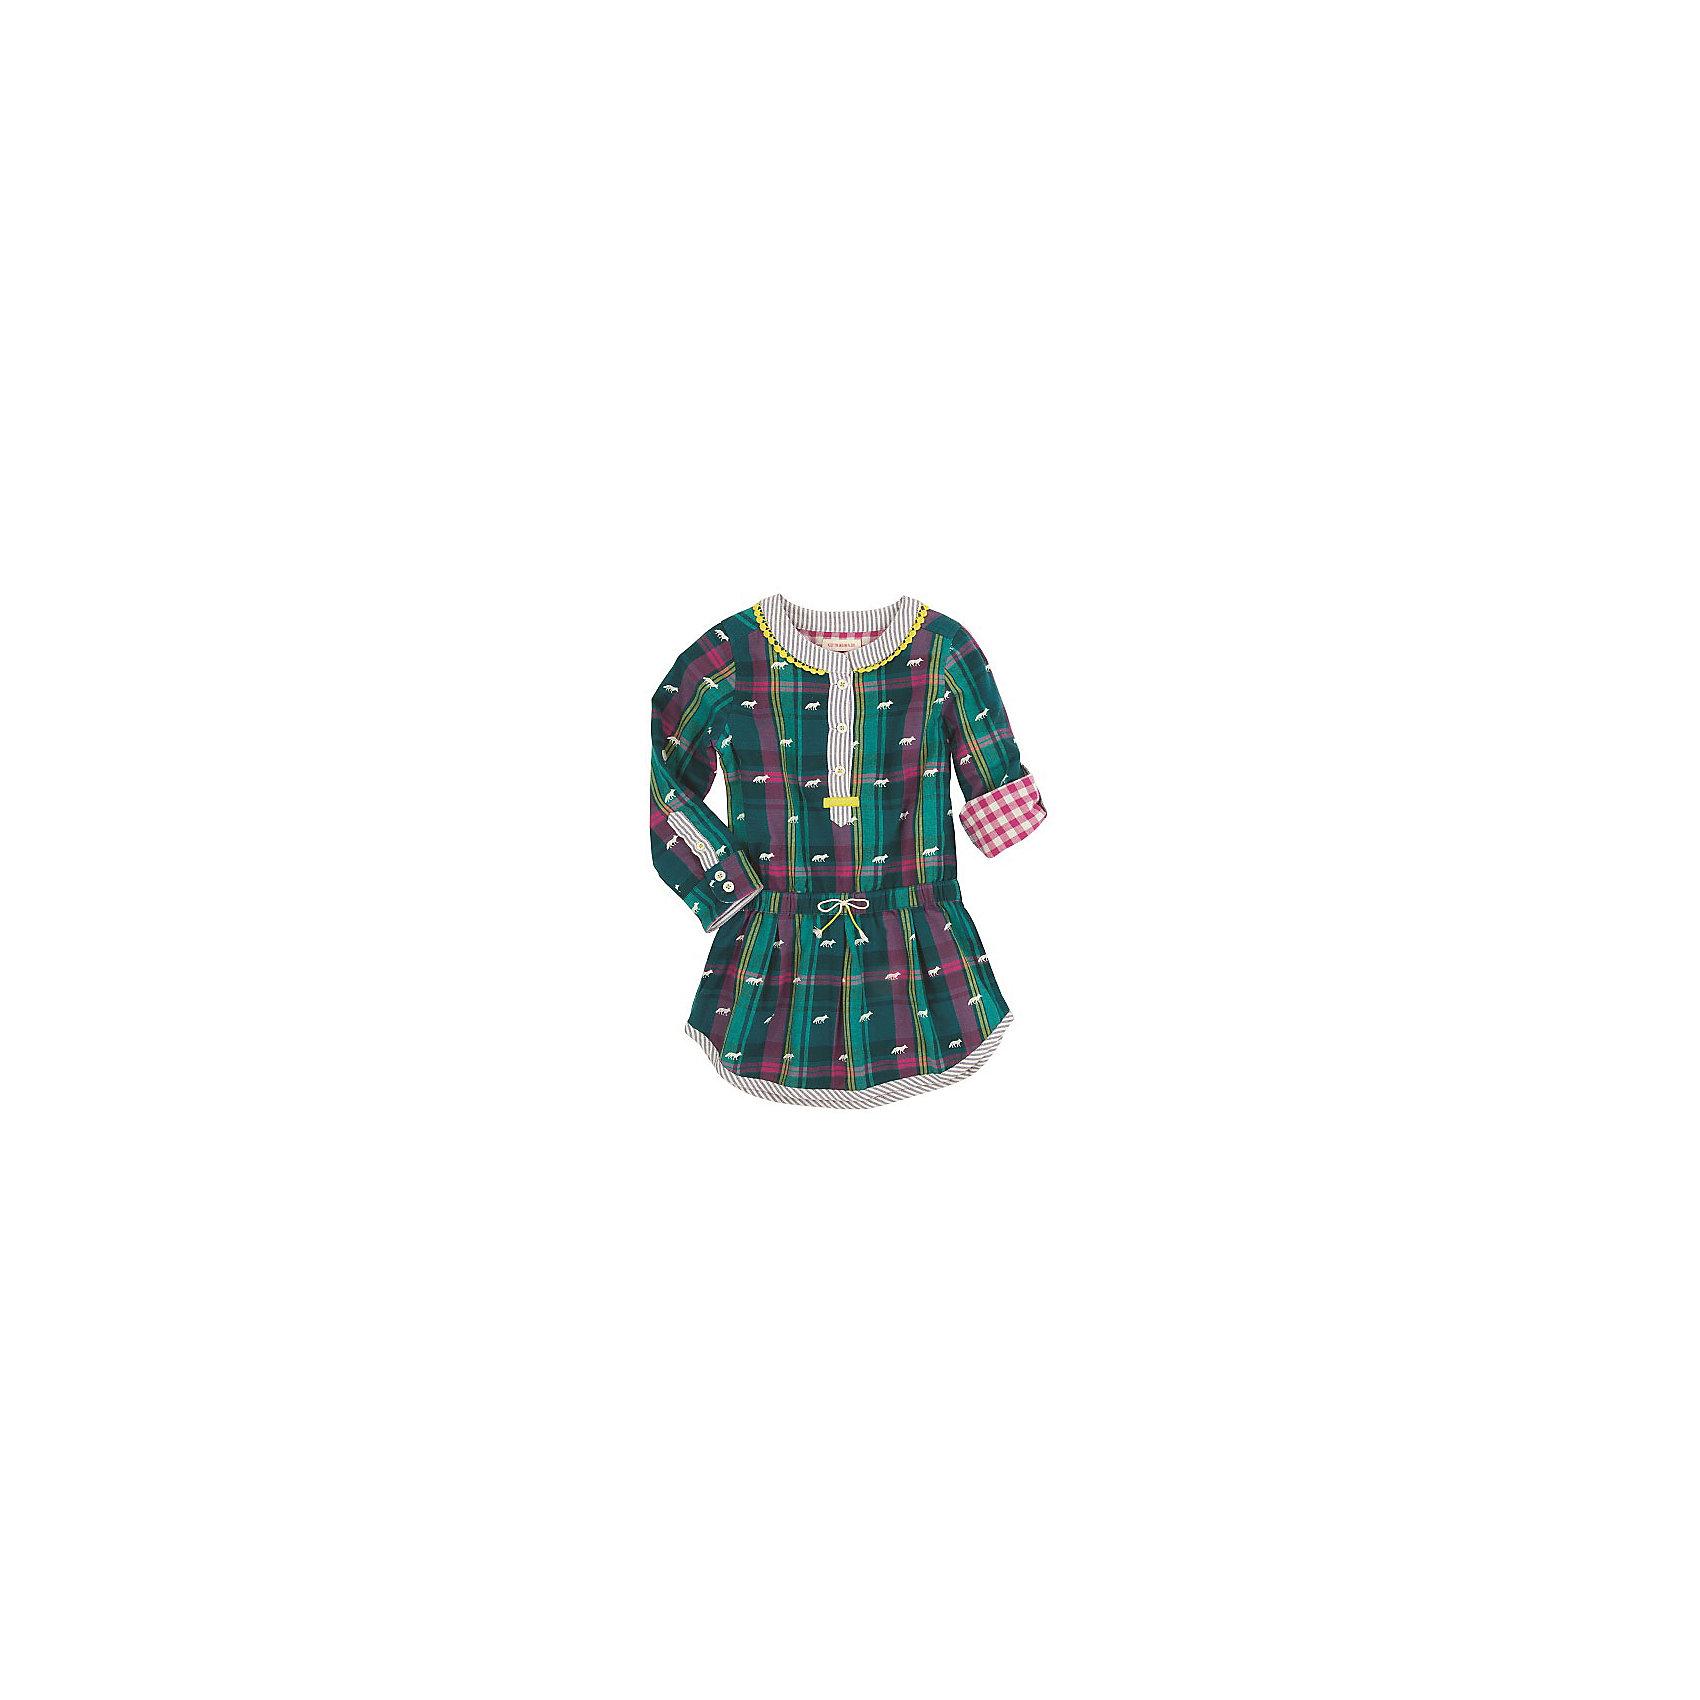 Платье для девочки HatleyПлатье для девочки Hatley<br><br>Характеристики:<br><br>• Состав: 100% хлопок<br>• Цвет: зеленый<br><br>Очаровательное дизайнерское платье не оставит равнодушным маленькую принцессу. Сделано из 100% хлопка, а значит не принесет дискомфорт ребенку. Рукава можно подворачивать и прикреплять за пуговку. Платье сделано по типу: юбка + рубашка на пуговках до середины груди, что делает юную леди взрослой и очень стильной. Милый принт с яблочками идеально сочетается с любой обувью и колготками. Воздушная юбочка украшена маленьким бантиком на резинке.<br><br>Платье для девочки Hatley можно купить в нашем интернет-магазине.<br><br>Ширина мм: 236<br>Глубина мм: 16<br>Высота мм: 184<br>Вес г: 177<br>Цвет: зеленый<br>Возраст от месяцев: 36<br>Возраст до месяцев: 48<br>Пол: Женский<br>Возраст: Детский<br>Размер: 104,128,122,116,110<br>SKU: 5020853